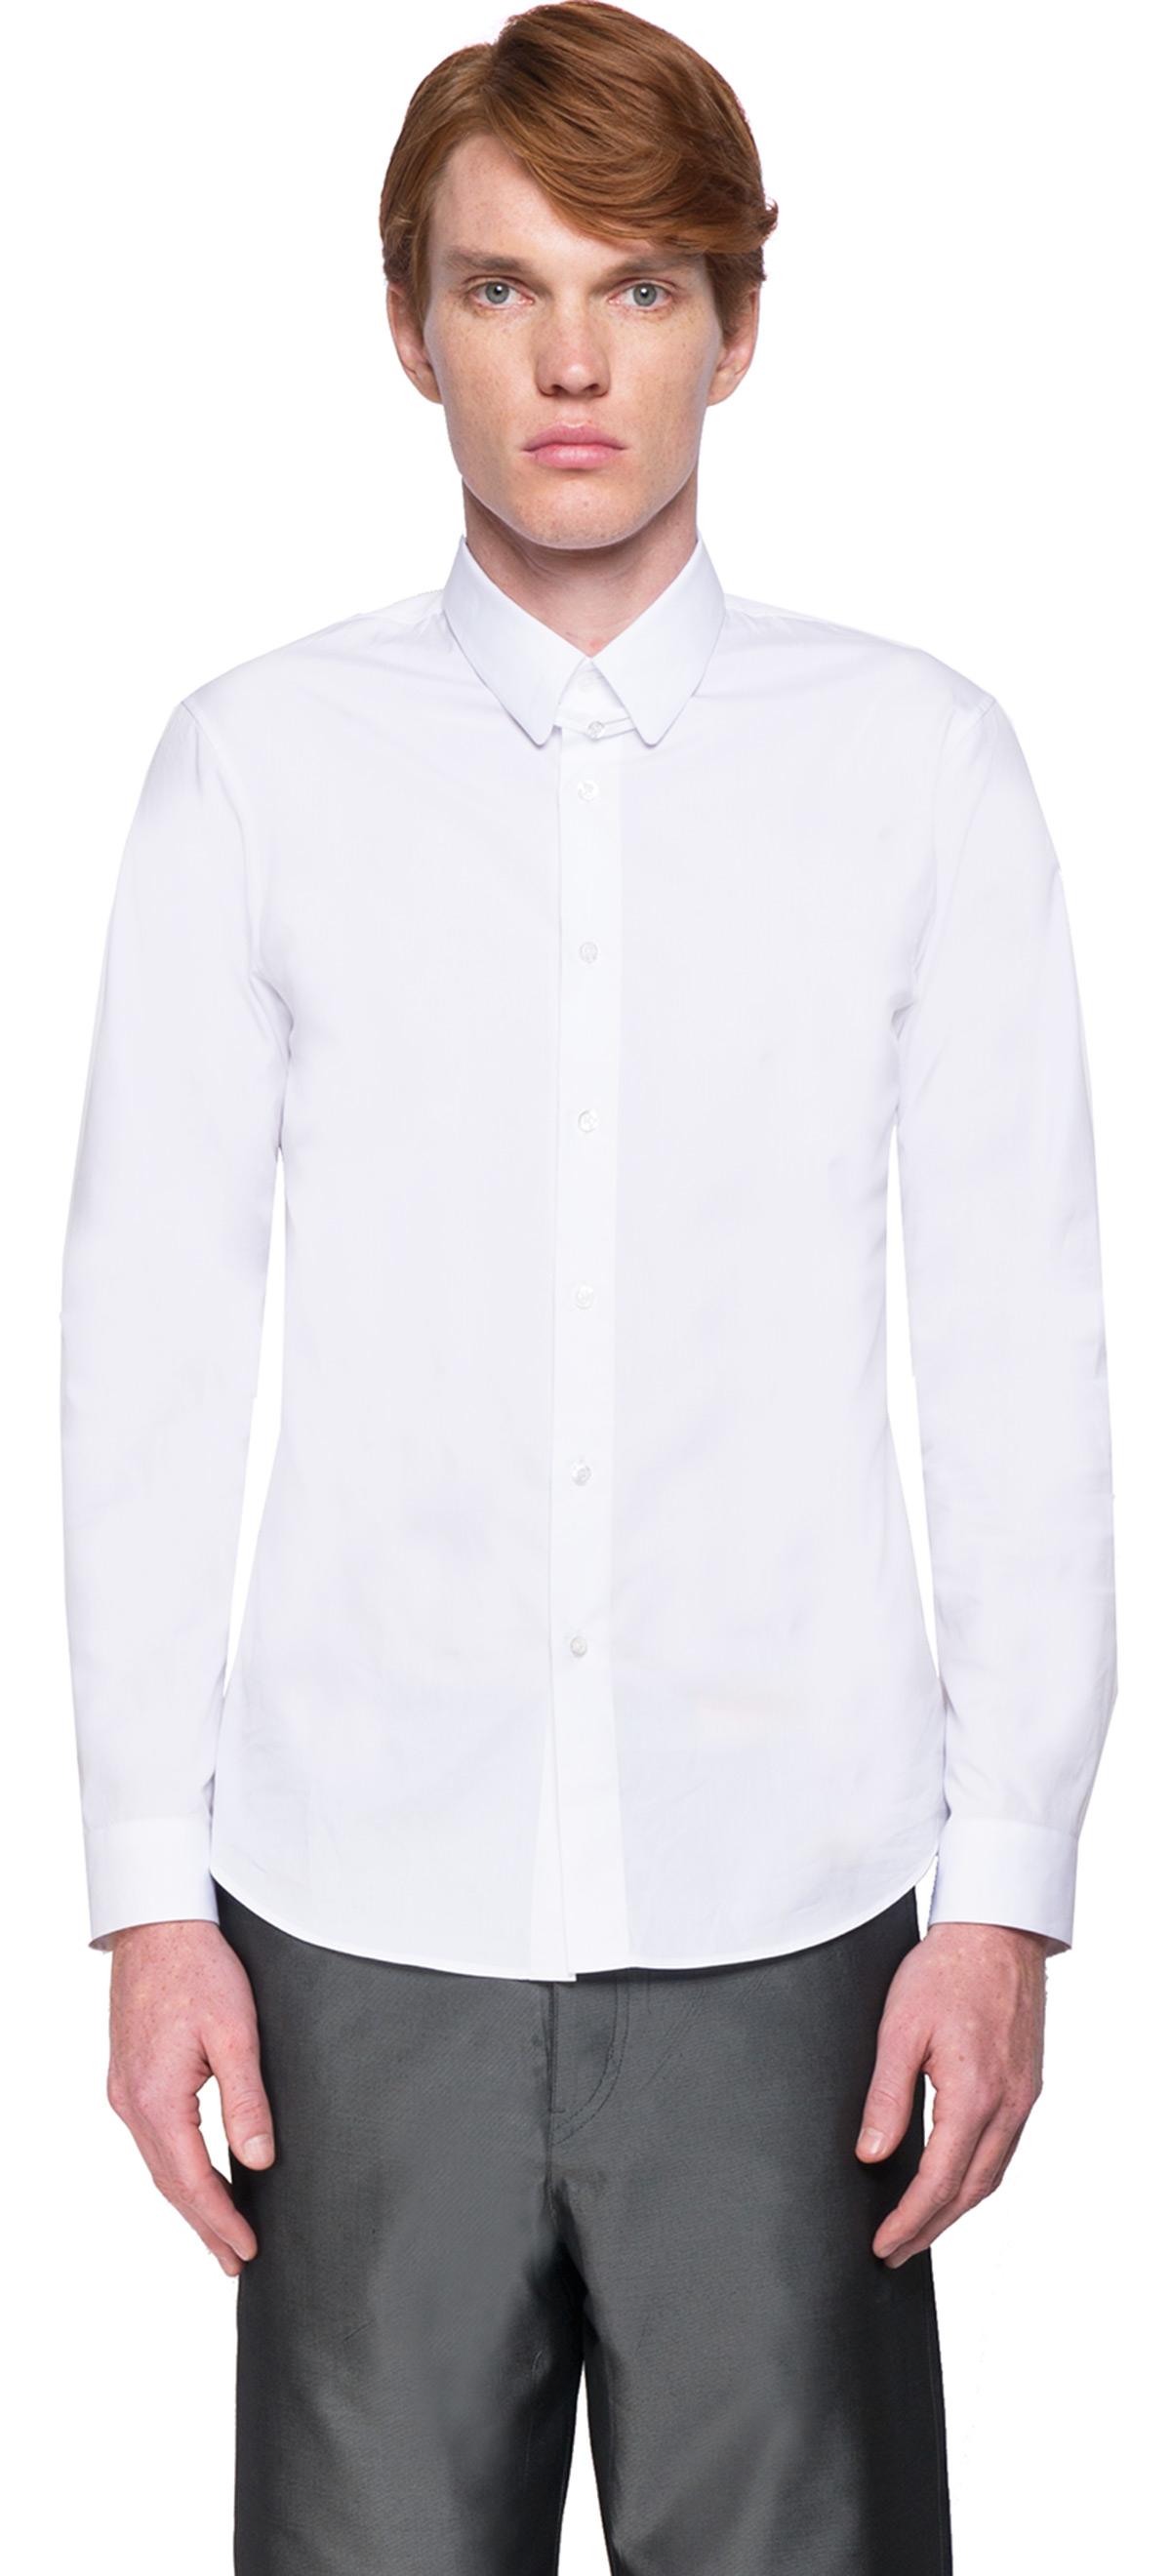 Jil sander classic shirt in white for men lyst for Jil sander mens shirt